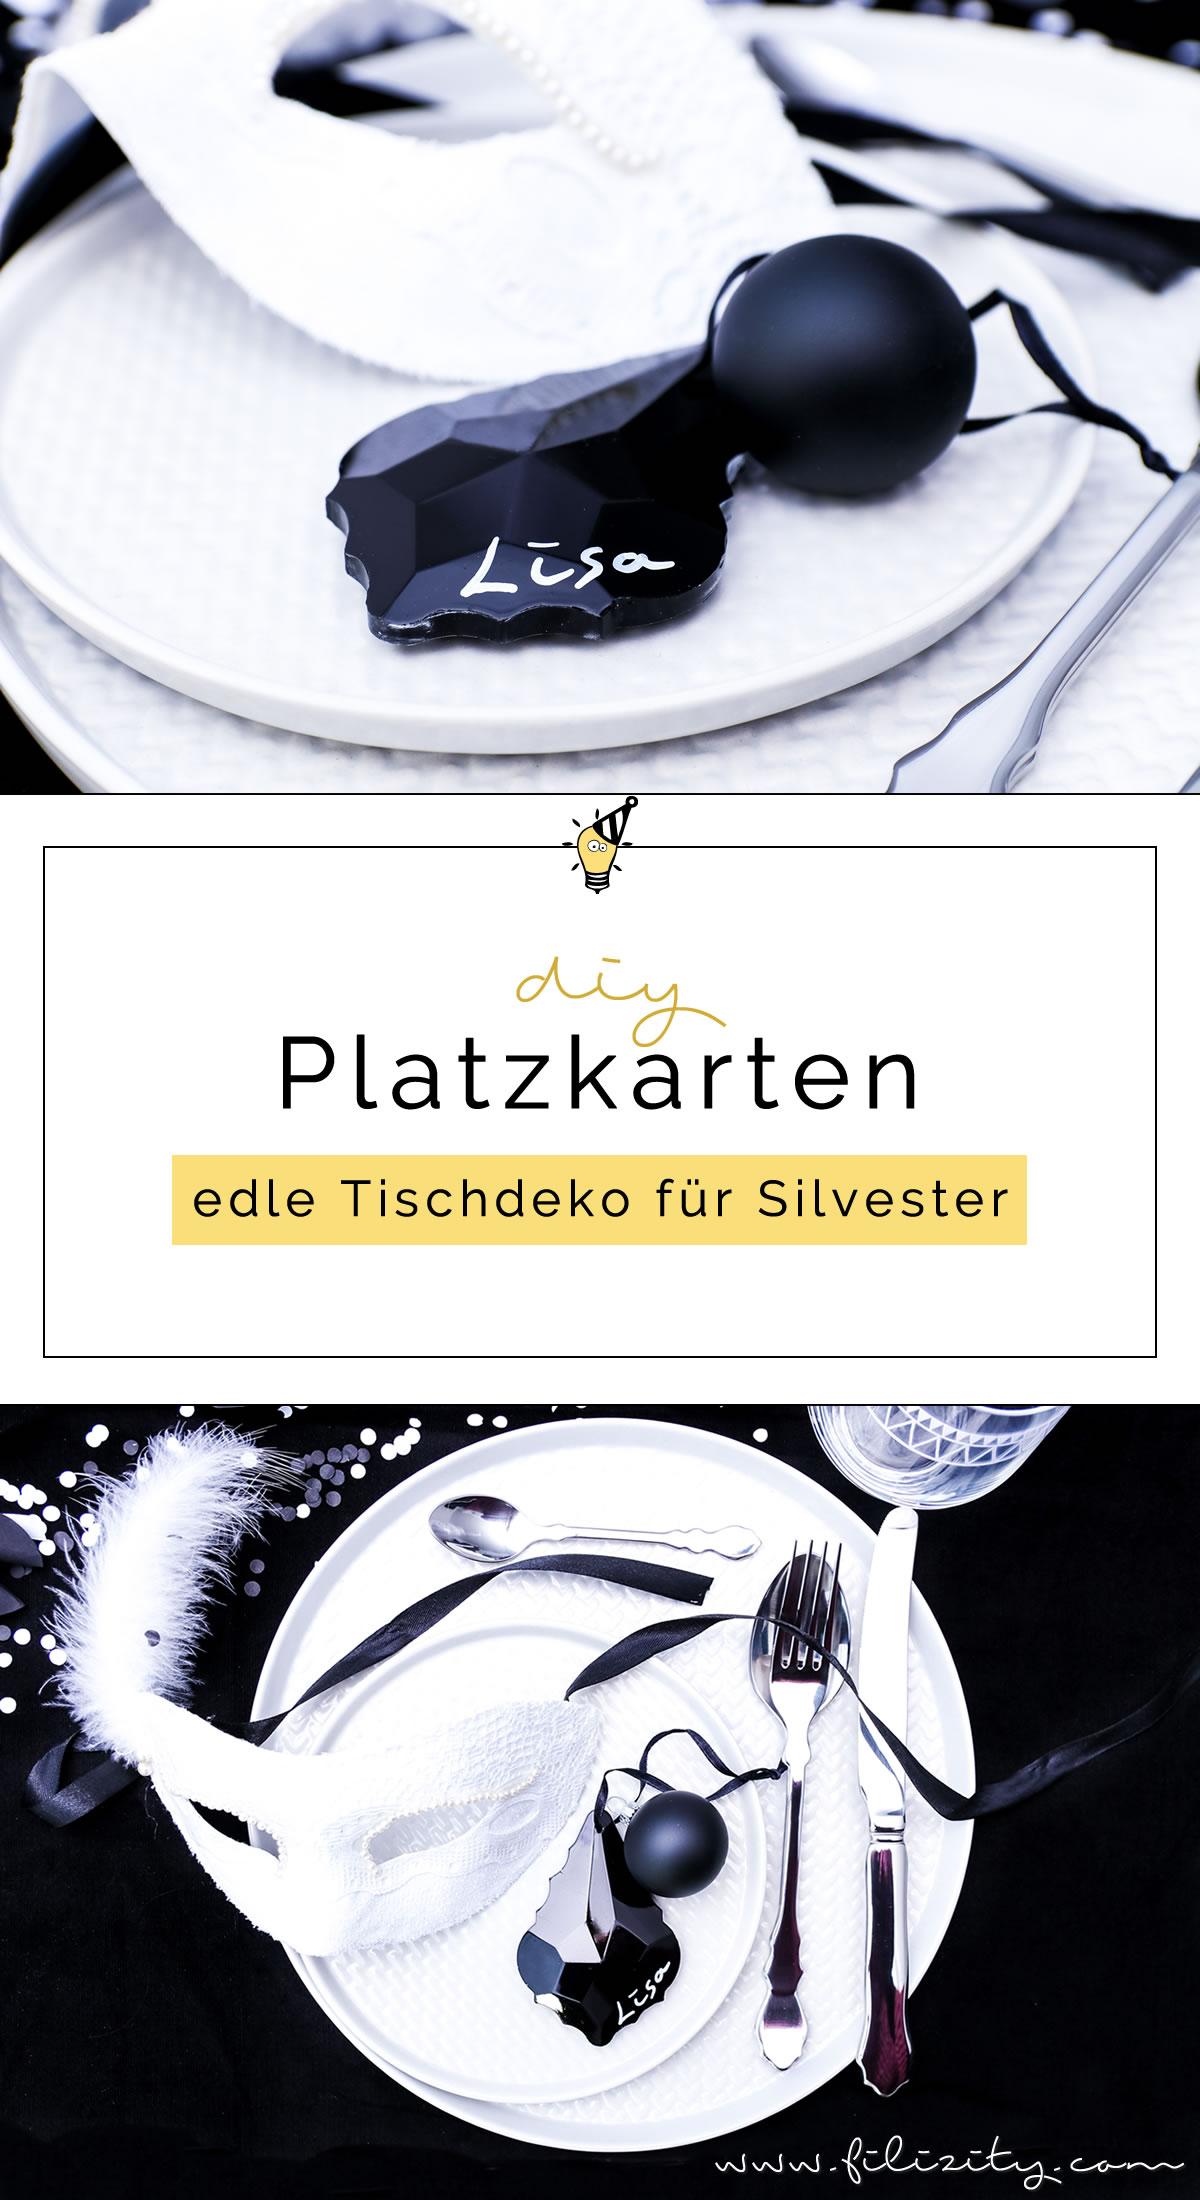 Let's Party! DIY Namelsschilder/Tischkarten/Platzkarten für die Silvester-Tischdeko selber | Filizity.com | DIY-Blog aus dem Rheinland #silvester #nye #party